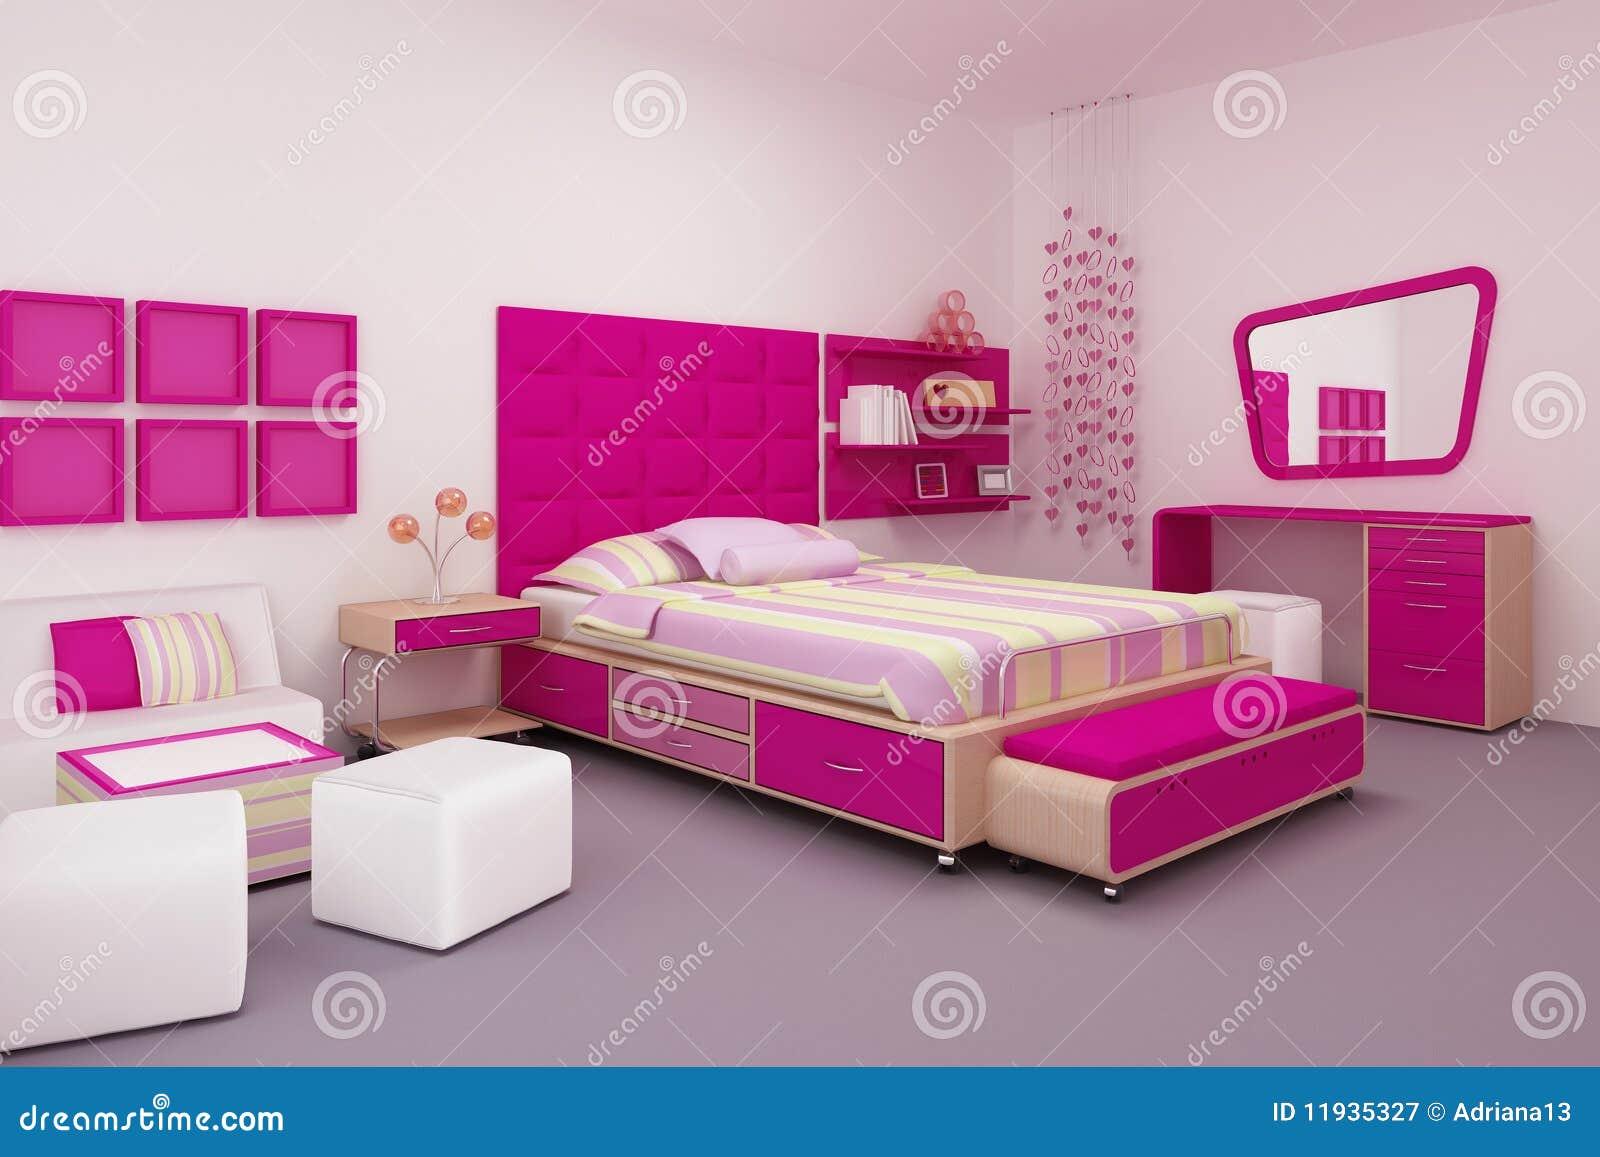 De slaapkamer van het meisje royalty vrije stock fotografie afbeelding 11935327 - Slaapkamer van een meisje ...